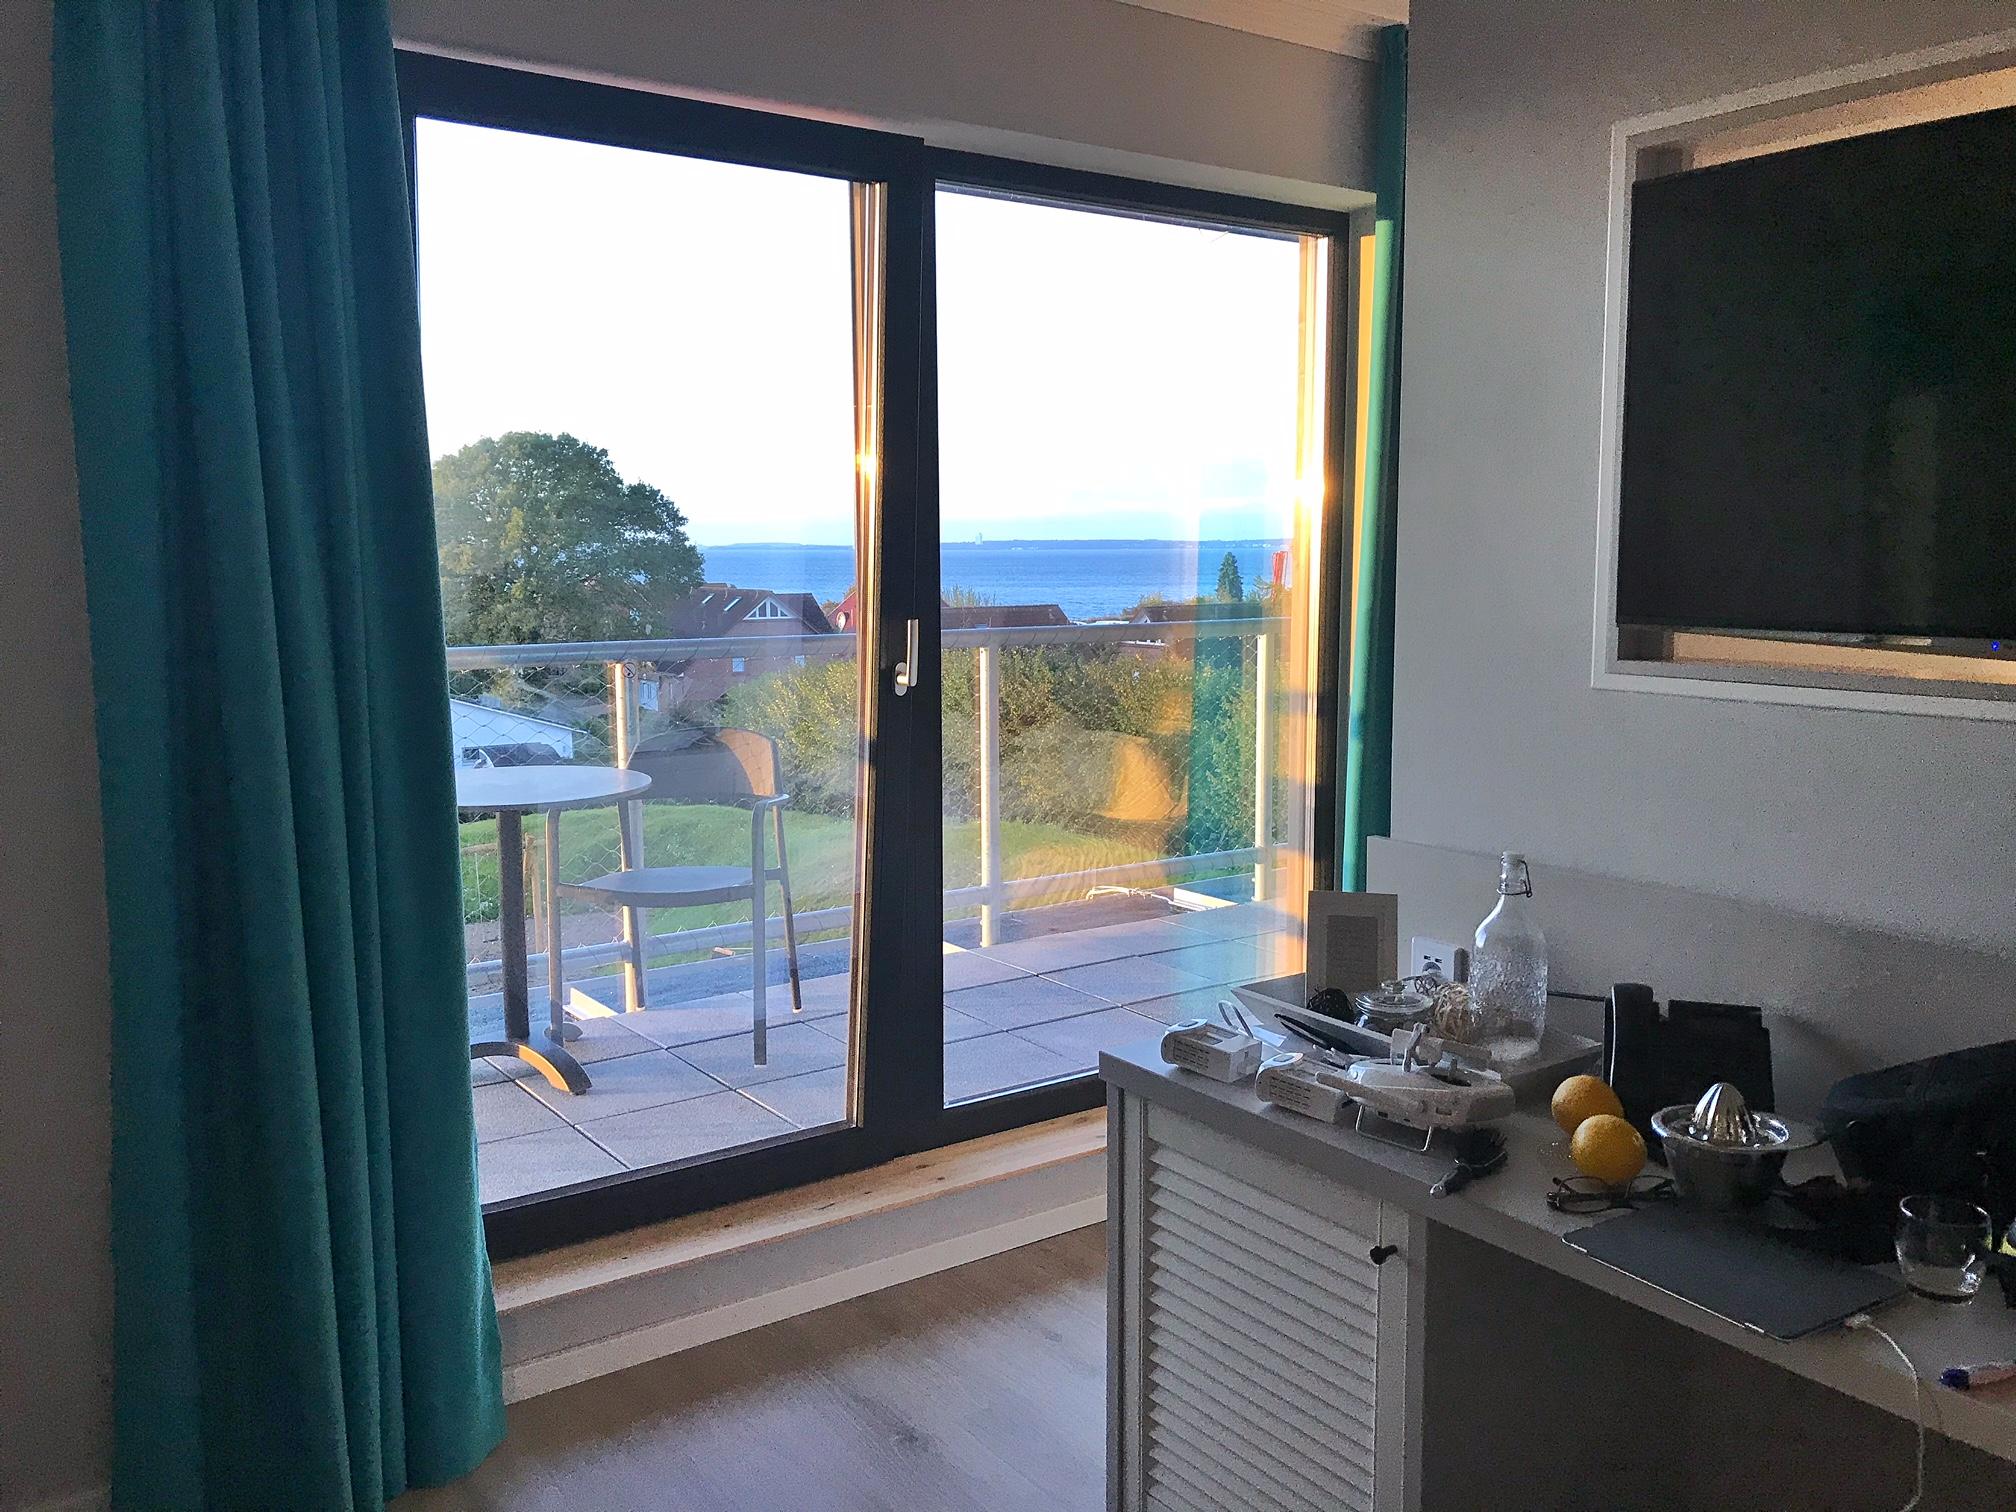 Blick aufs Meer aus dem Zimmer im Hotel Strandkind